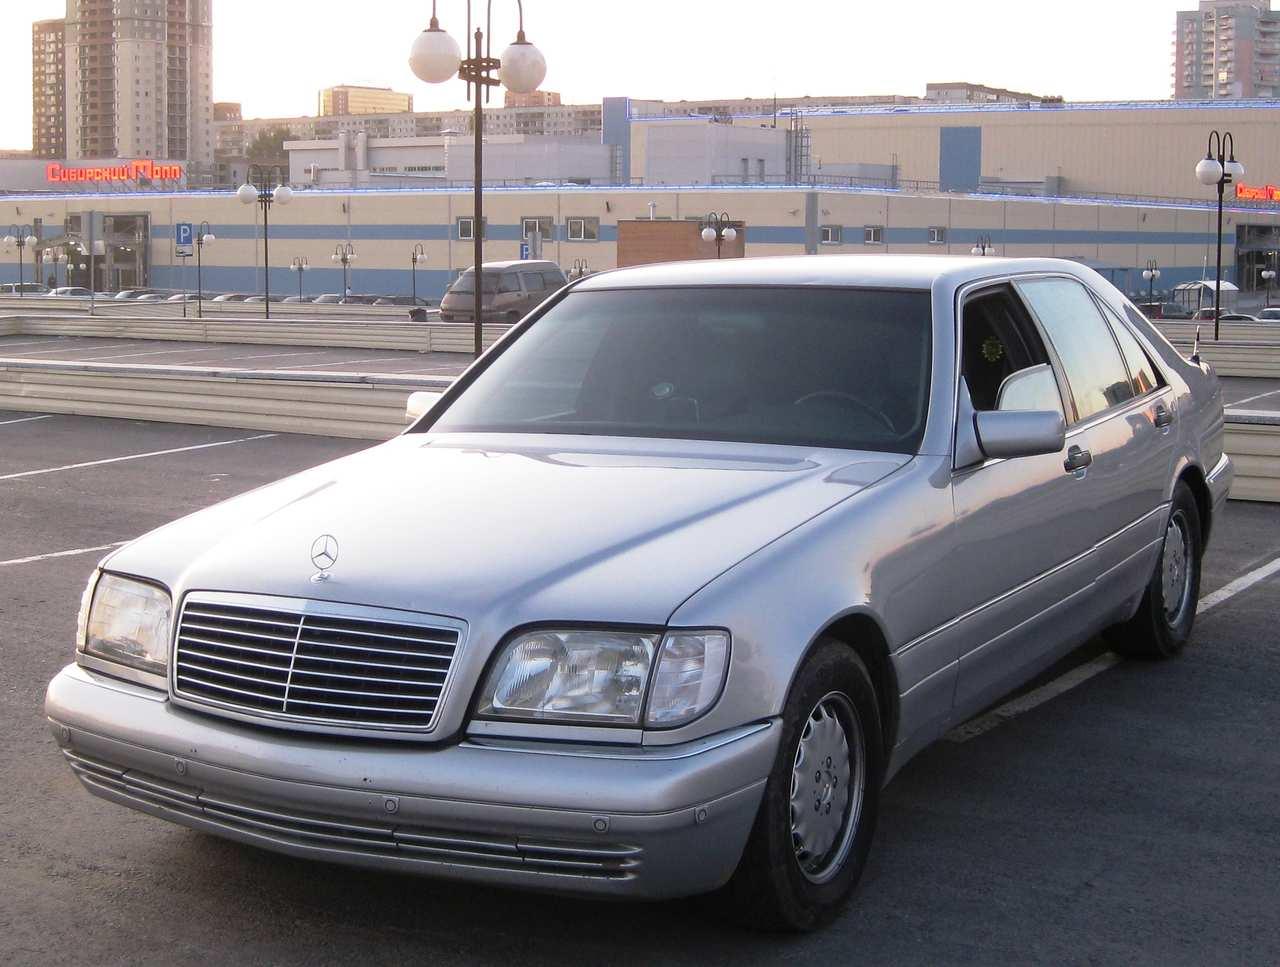 1995 mercedes benz s class pics 3 2 gasoline fr or rr for 1995 mercedes benz s class